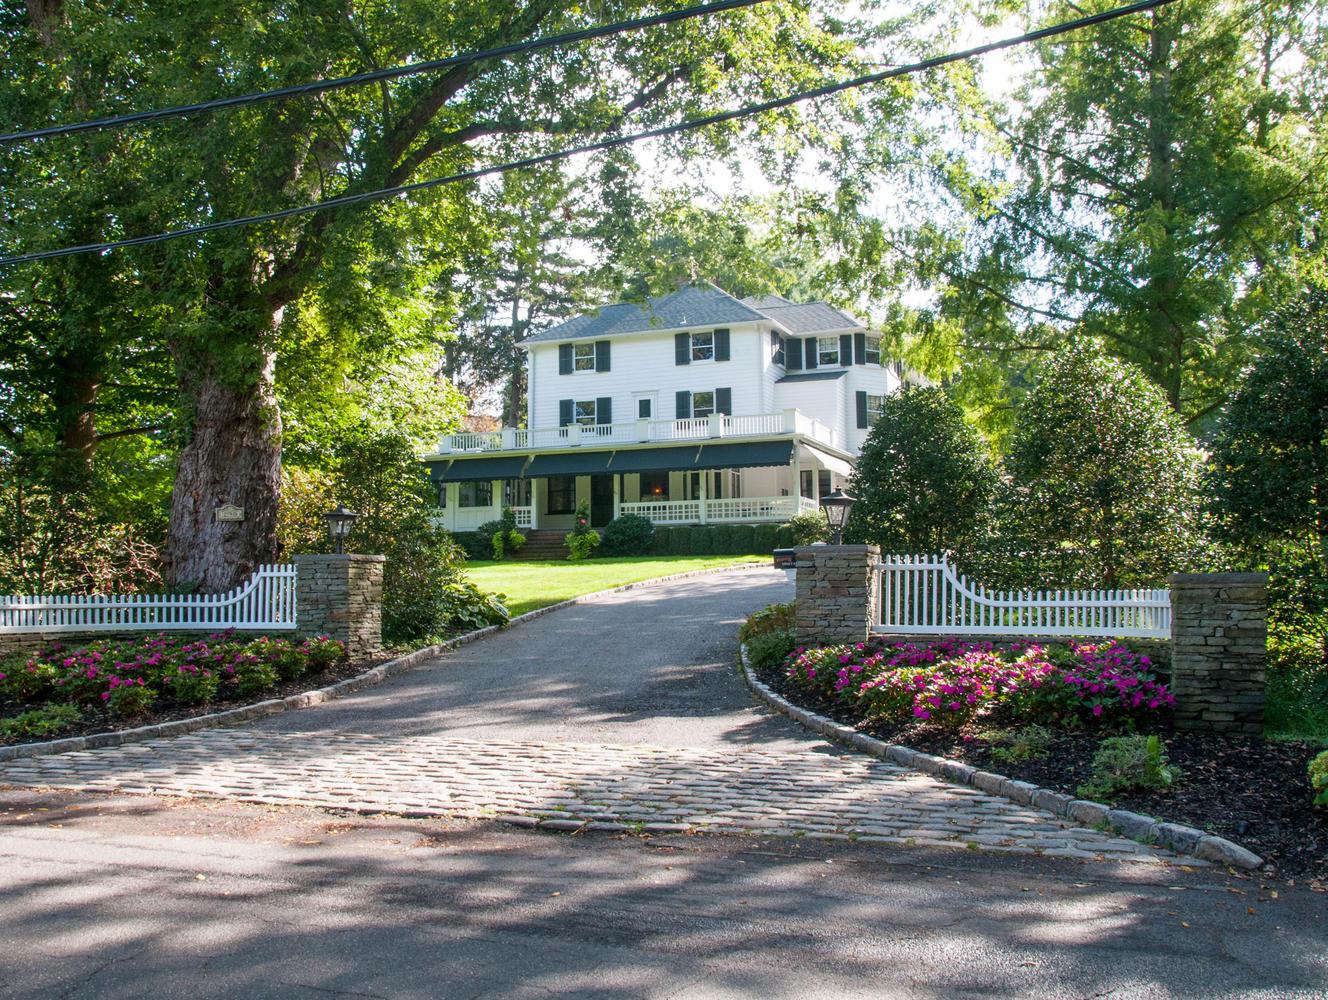 一戸建て のために 売買 アット Colonial 290 Vineyard Rd Huntington Bay, ニューヨーク, 11743 アメリカ合衆国